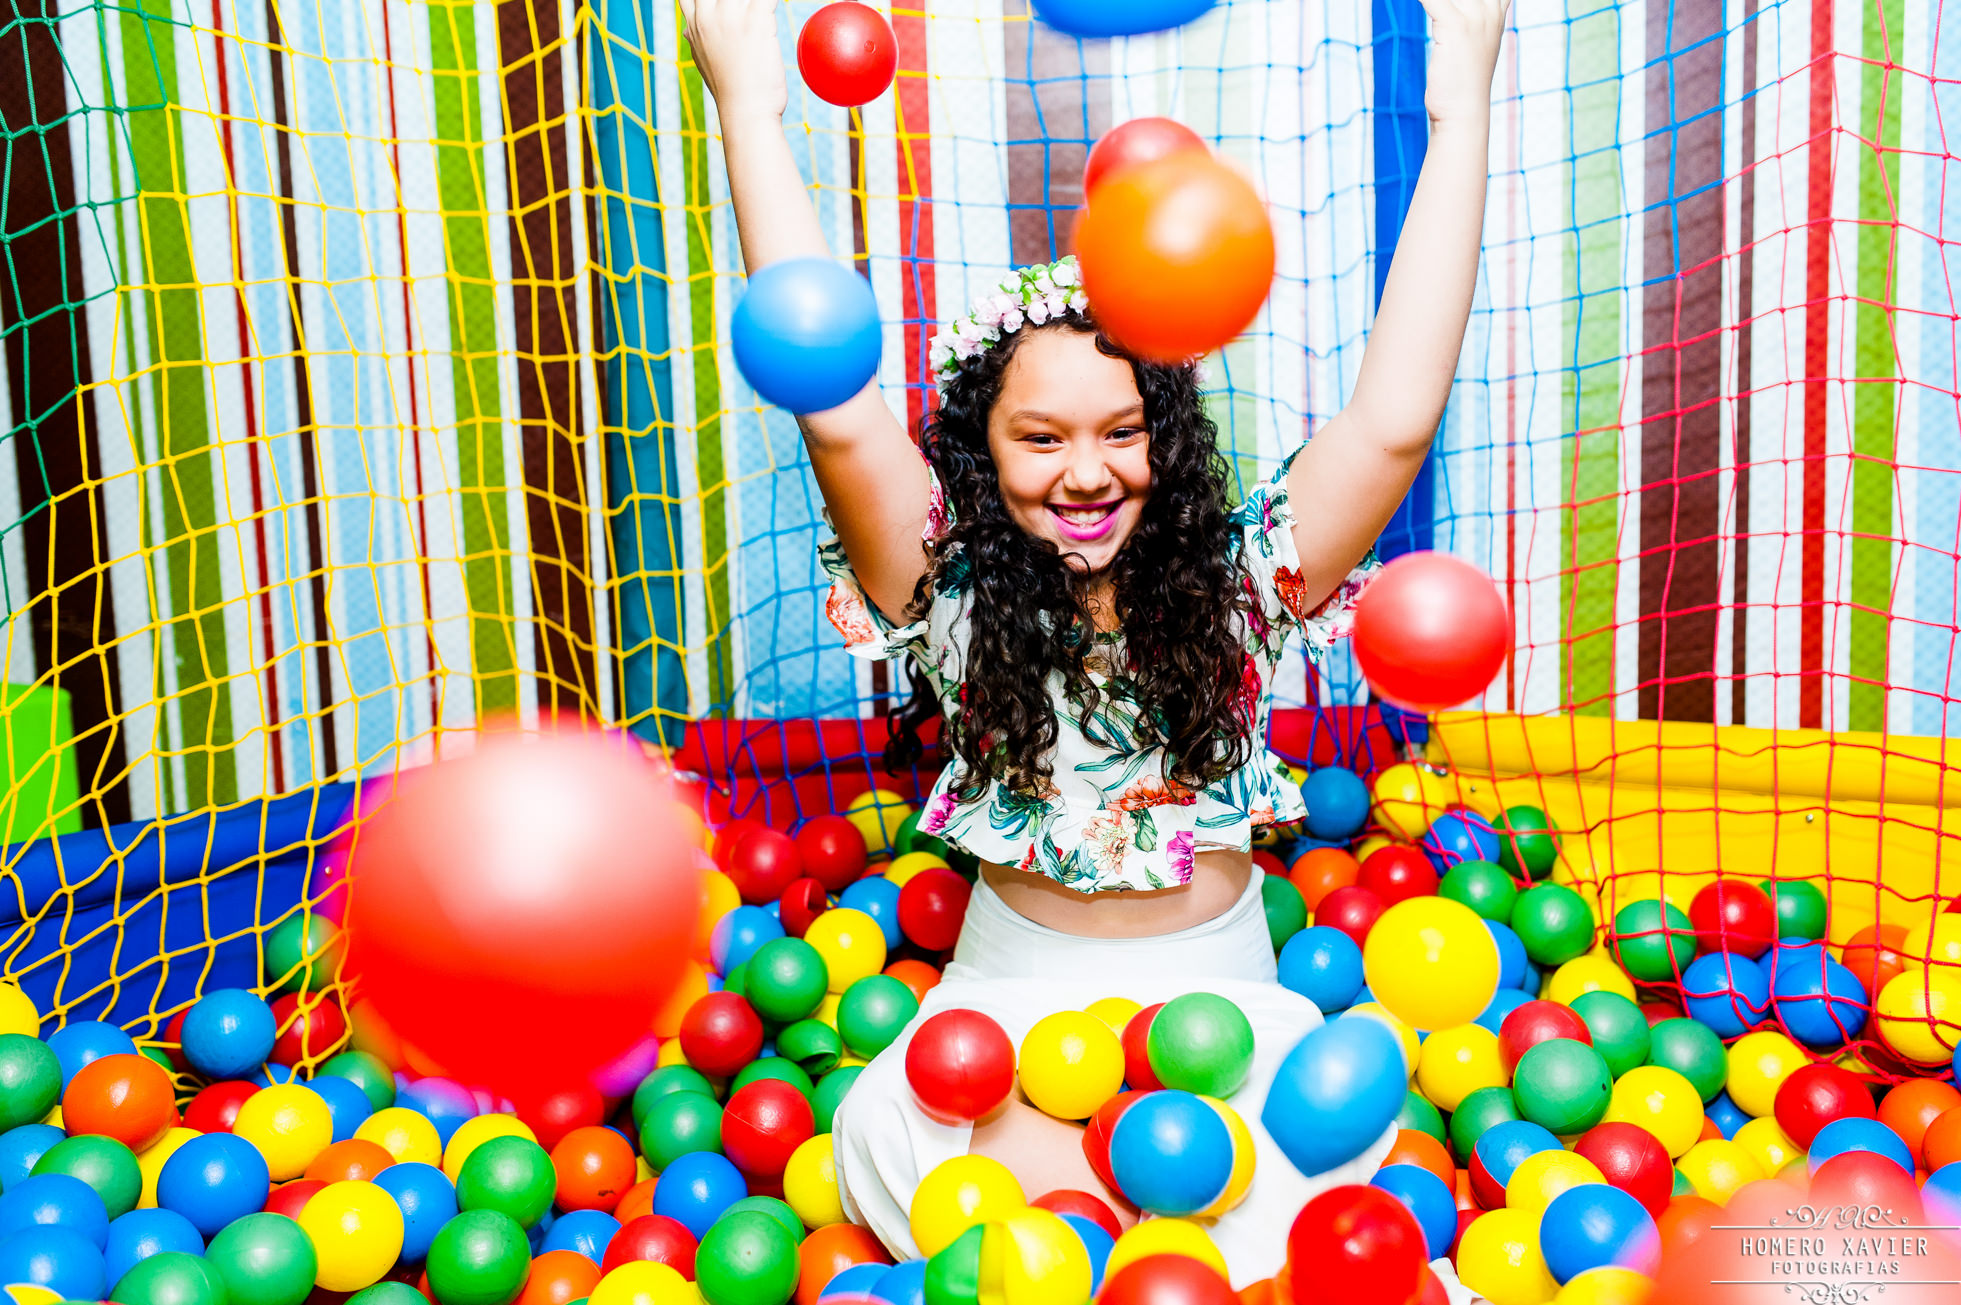 fotografia festa infantil Espaco Encanto Festas em BH